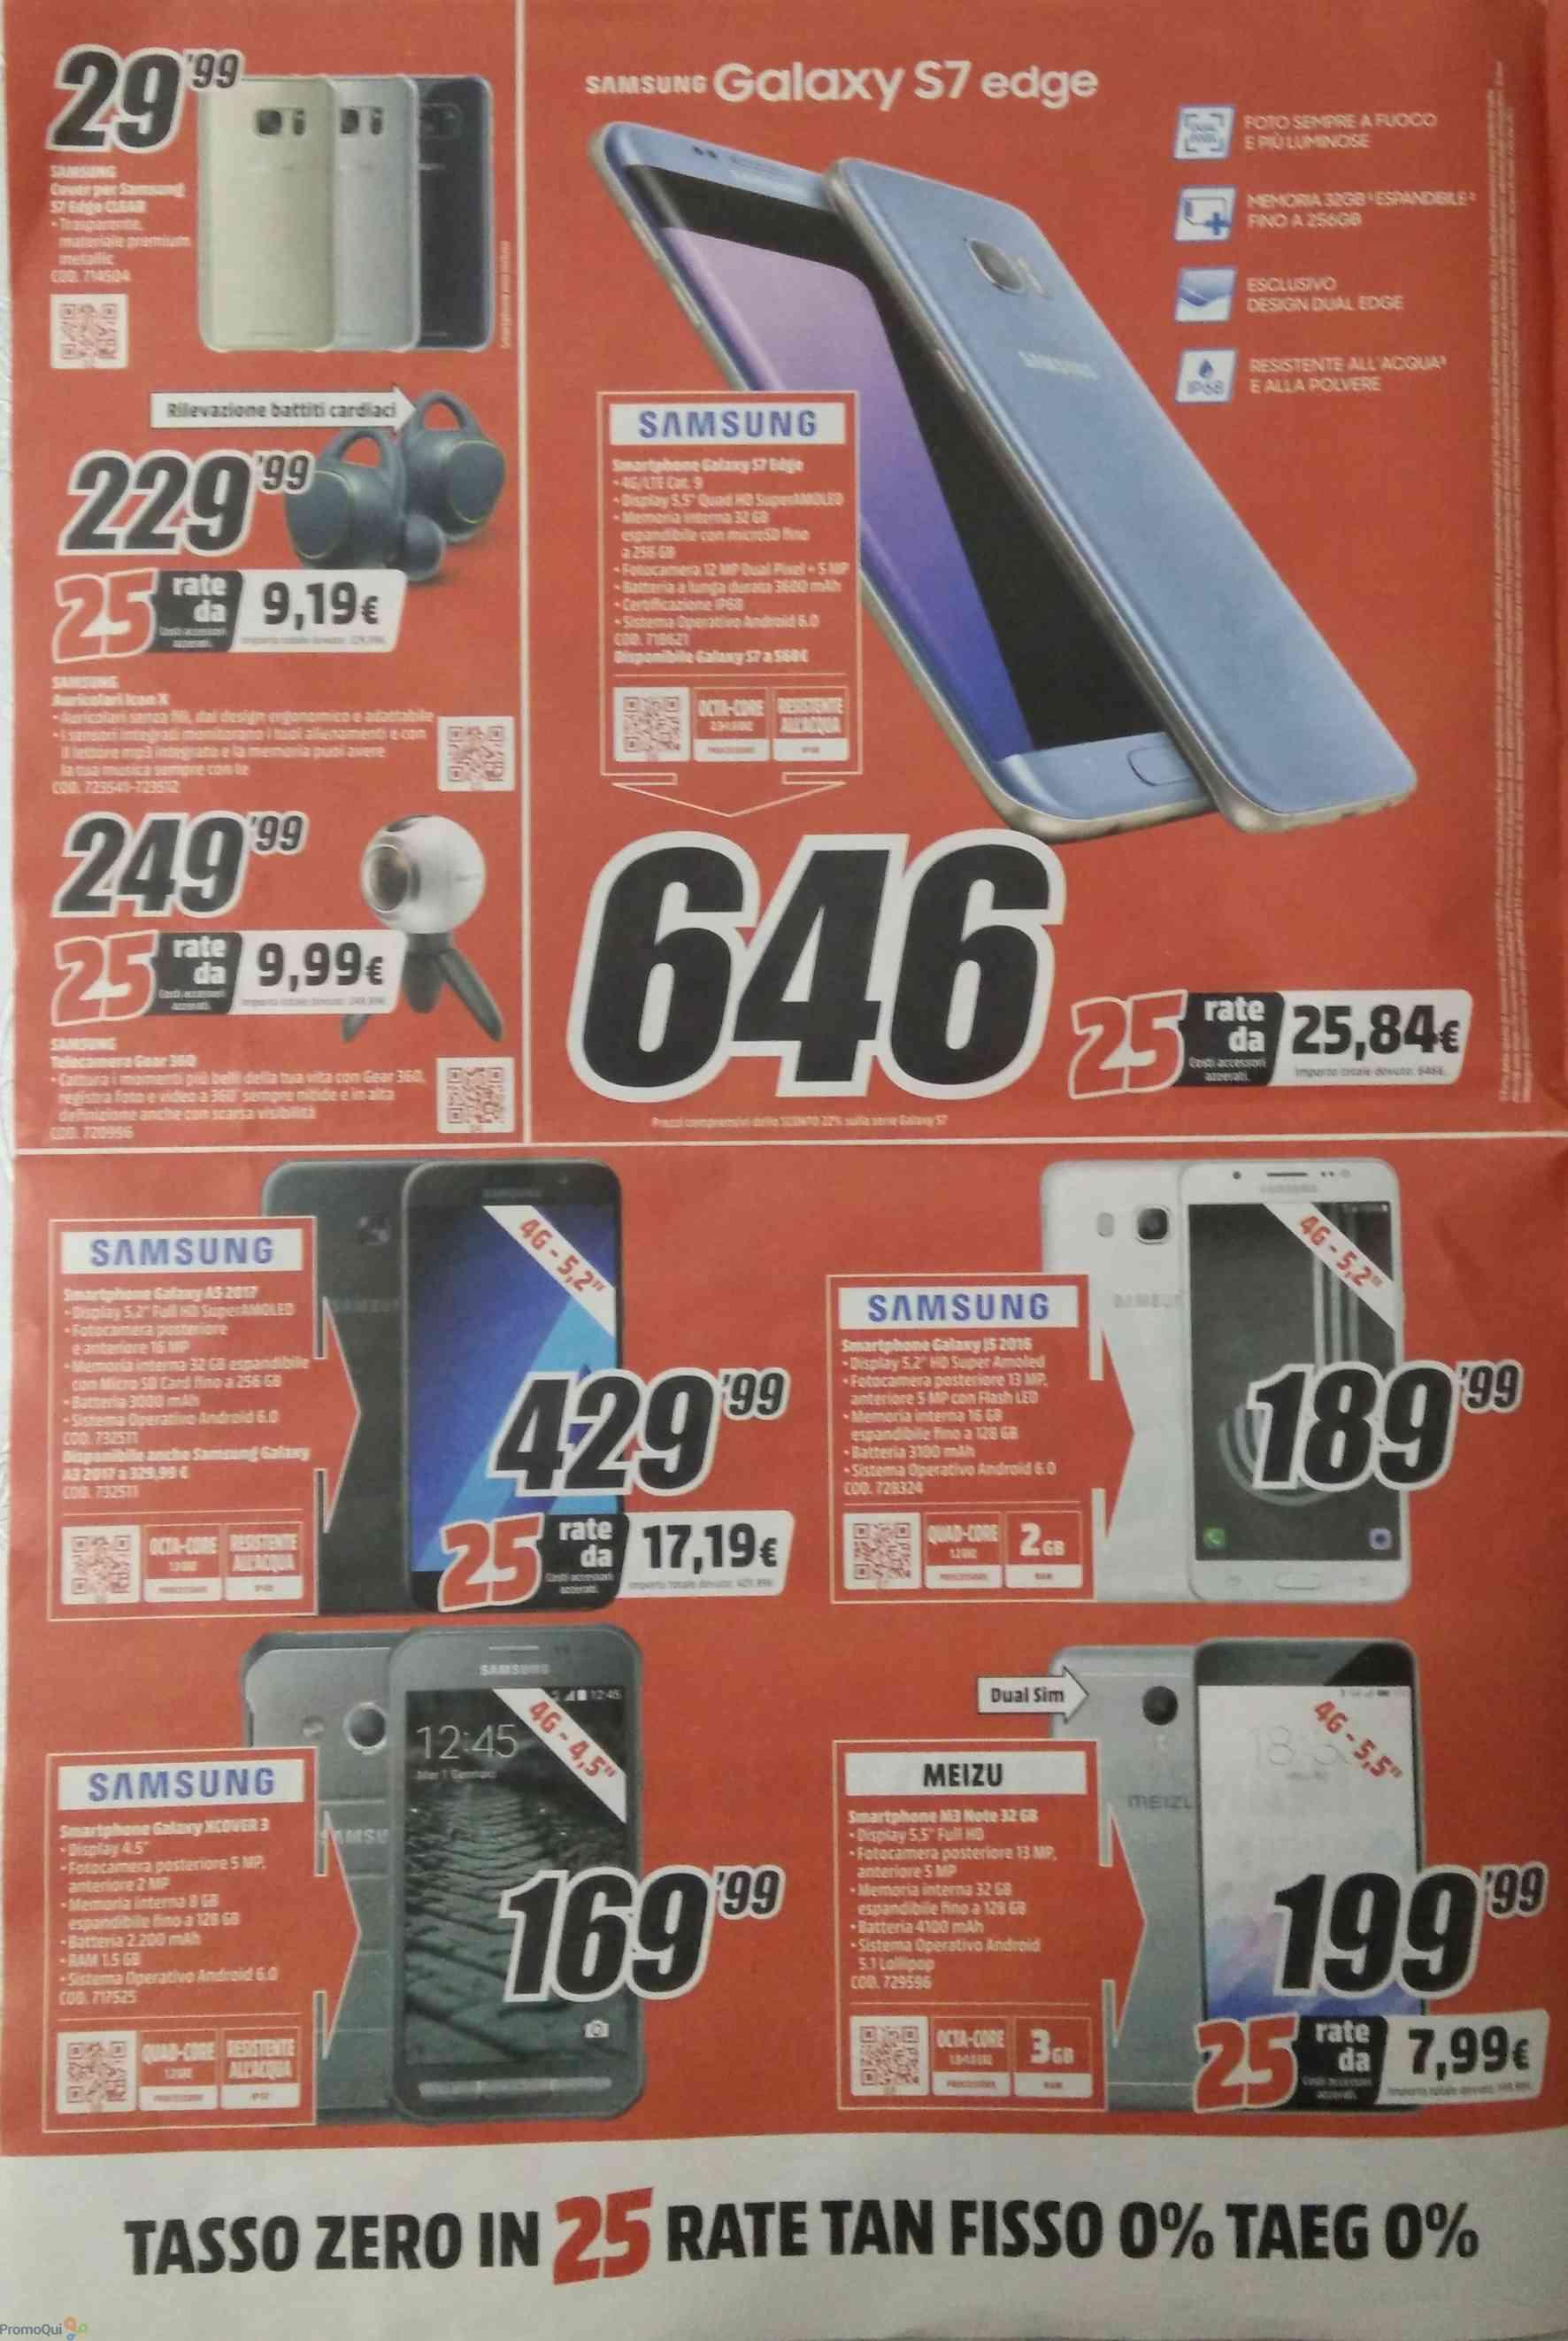 Volantino MediaWorld marzo 2017 info prezzi e sconti Samsung Galaxy, Huawei